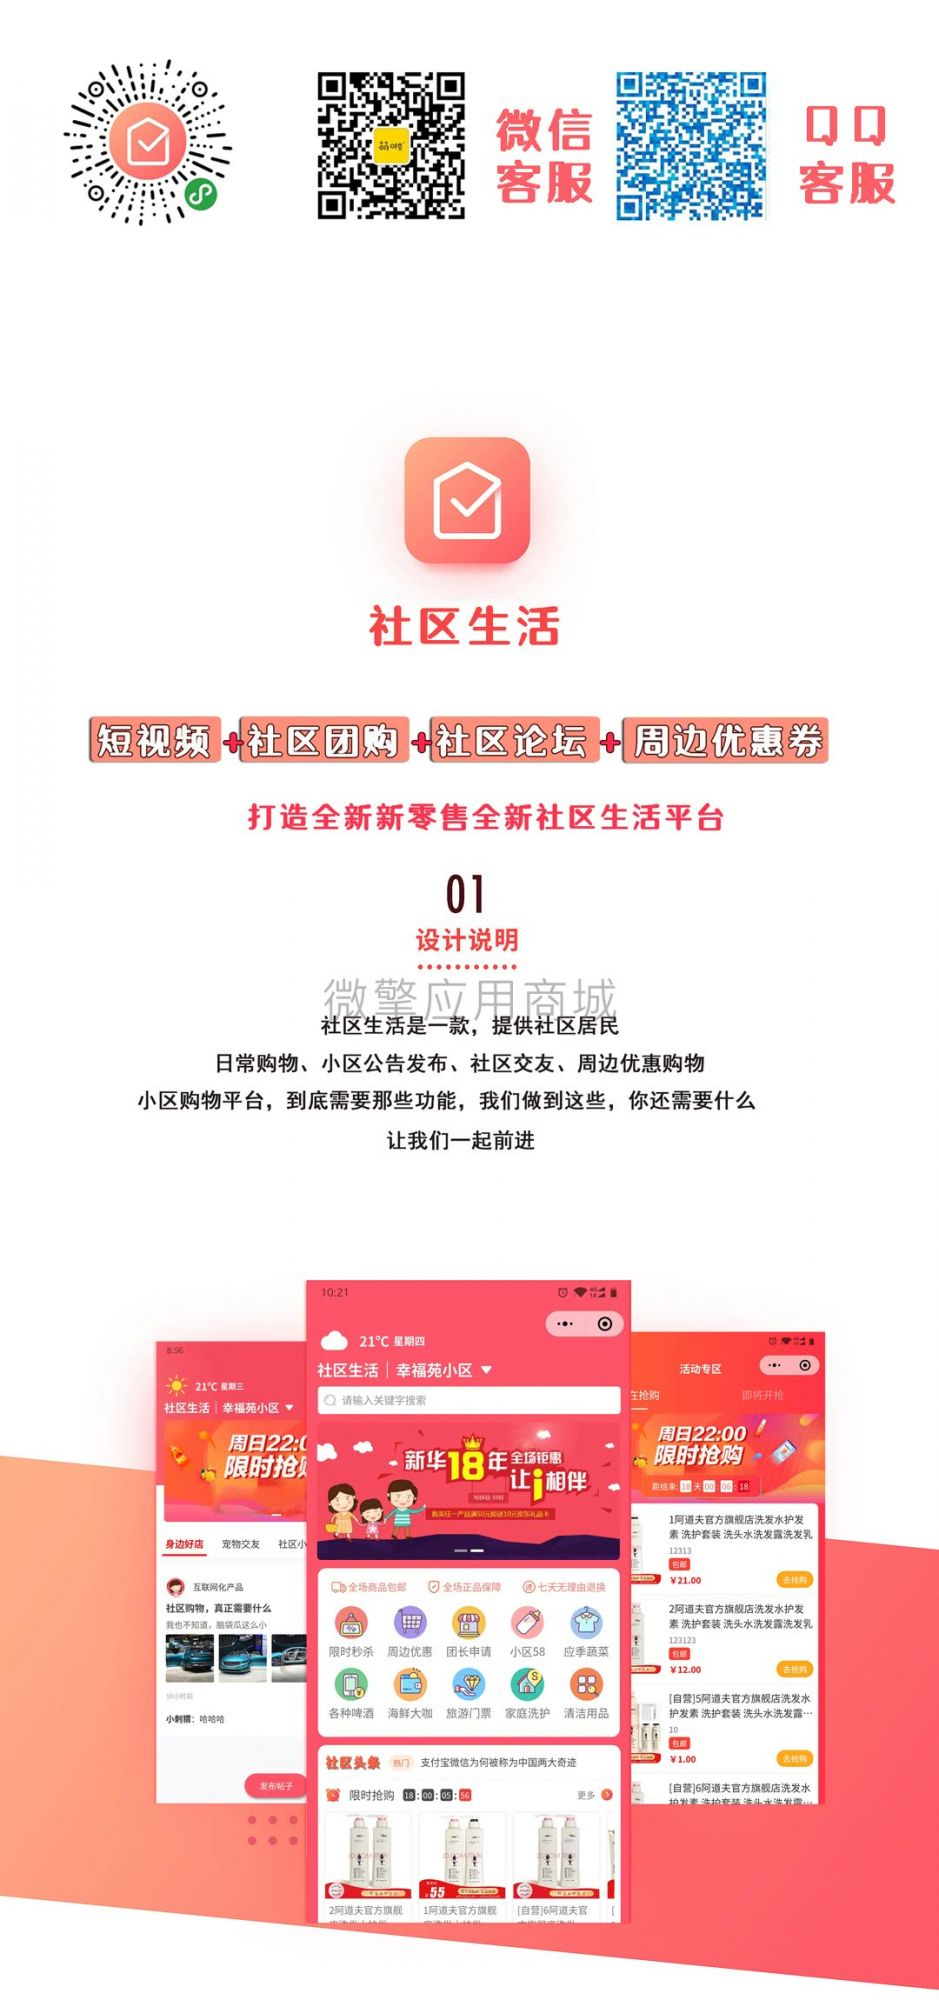 奇店社群社区团购 V5.6.2商业版,微信小程序